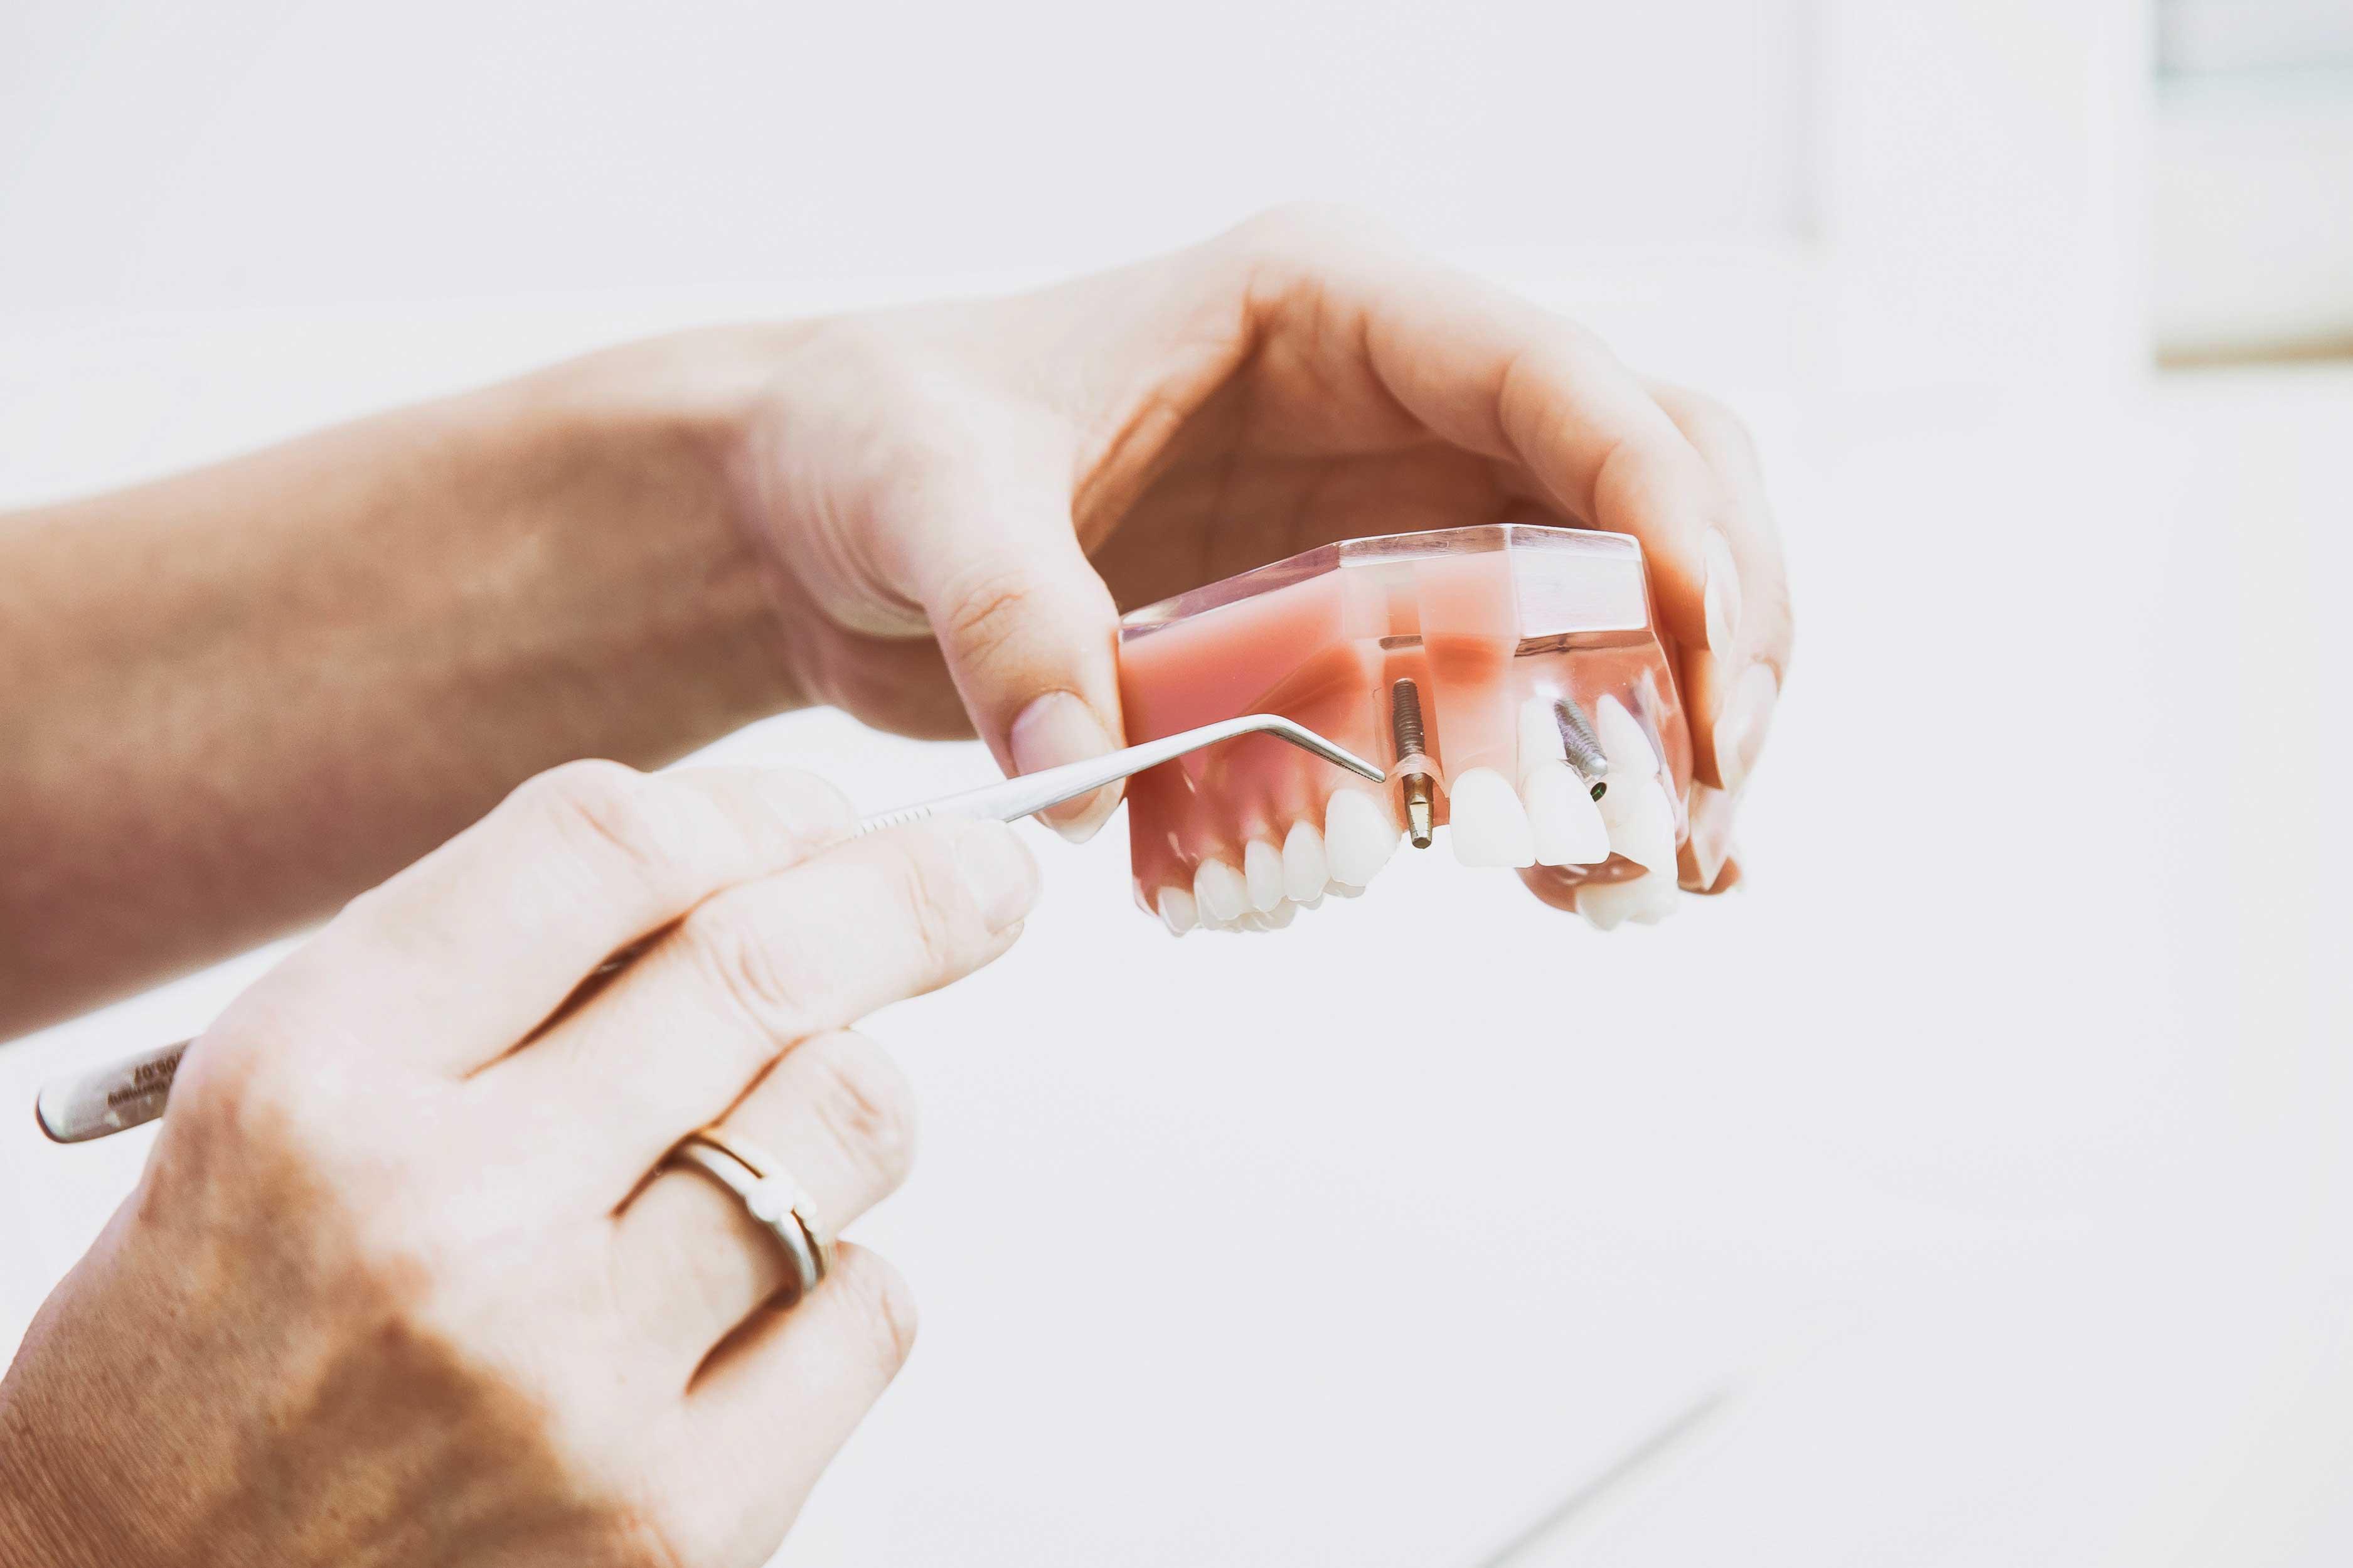 novi-trendovi-u-medicini-dentalni-turizam